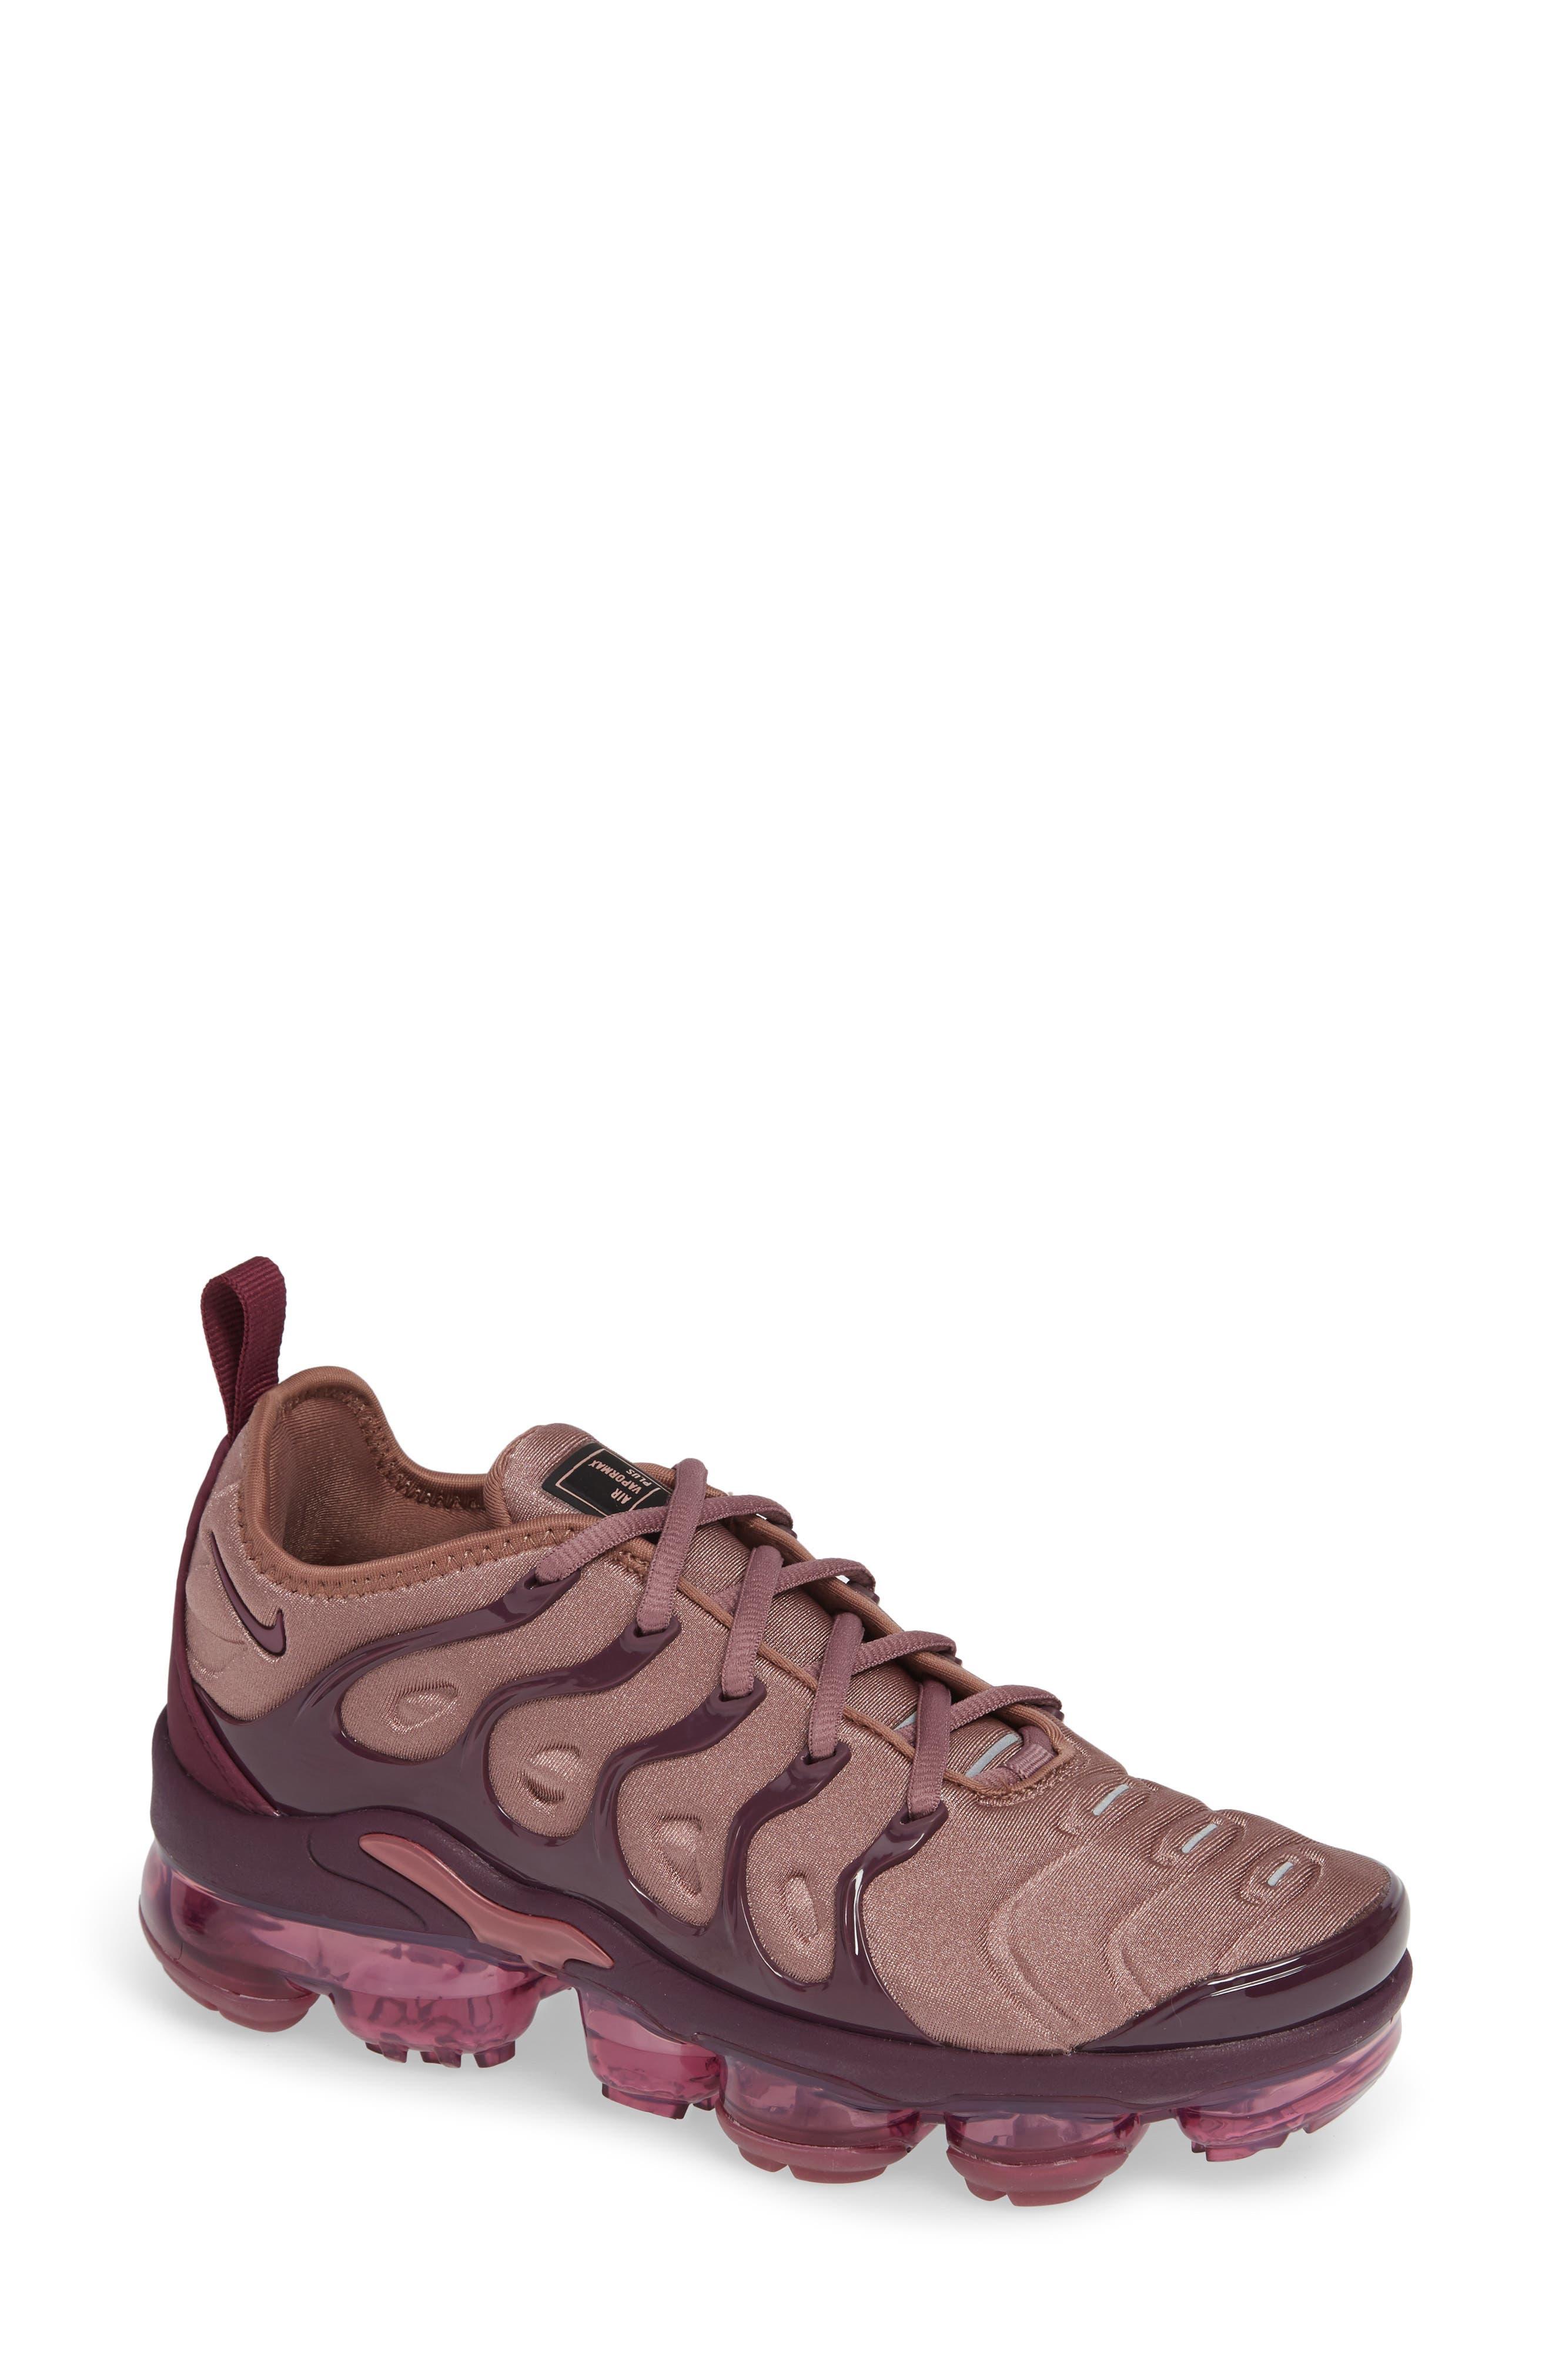 Air VaporMax Plus Sneaker,                             Main thumbnail 1, color,                             MAUVE/ BORDEAUX/ WINE/ BLACK